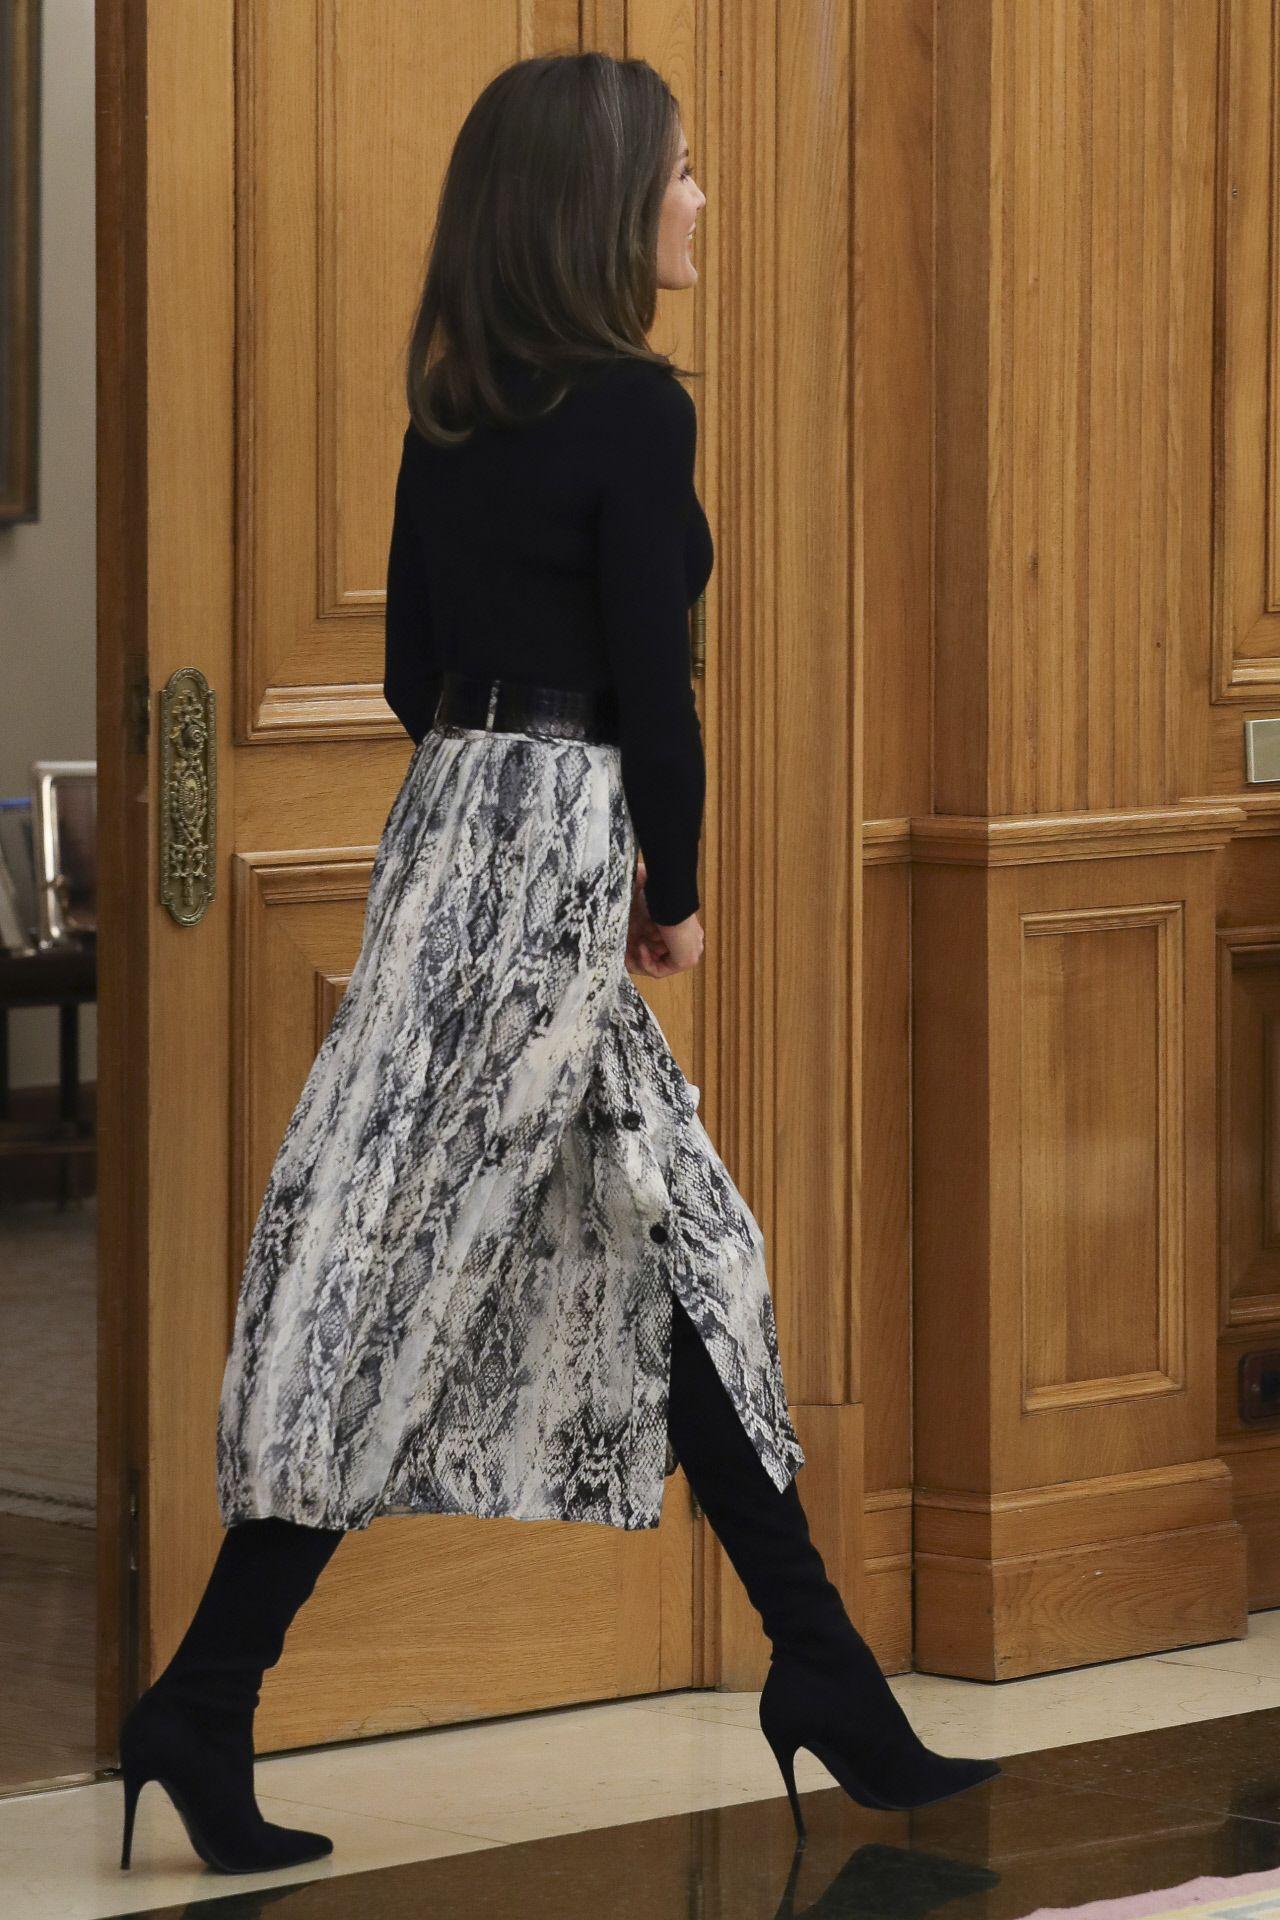 c5a8962980 Falda  print  A Reina Letizia Zara De La Vuelve Vestirse En QCdxoeWErB